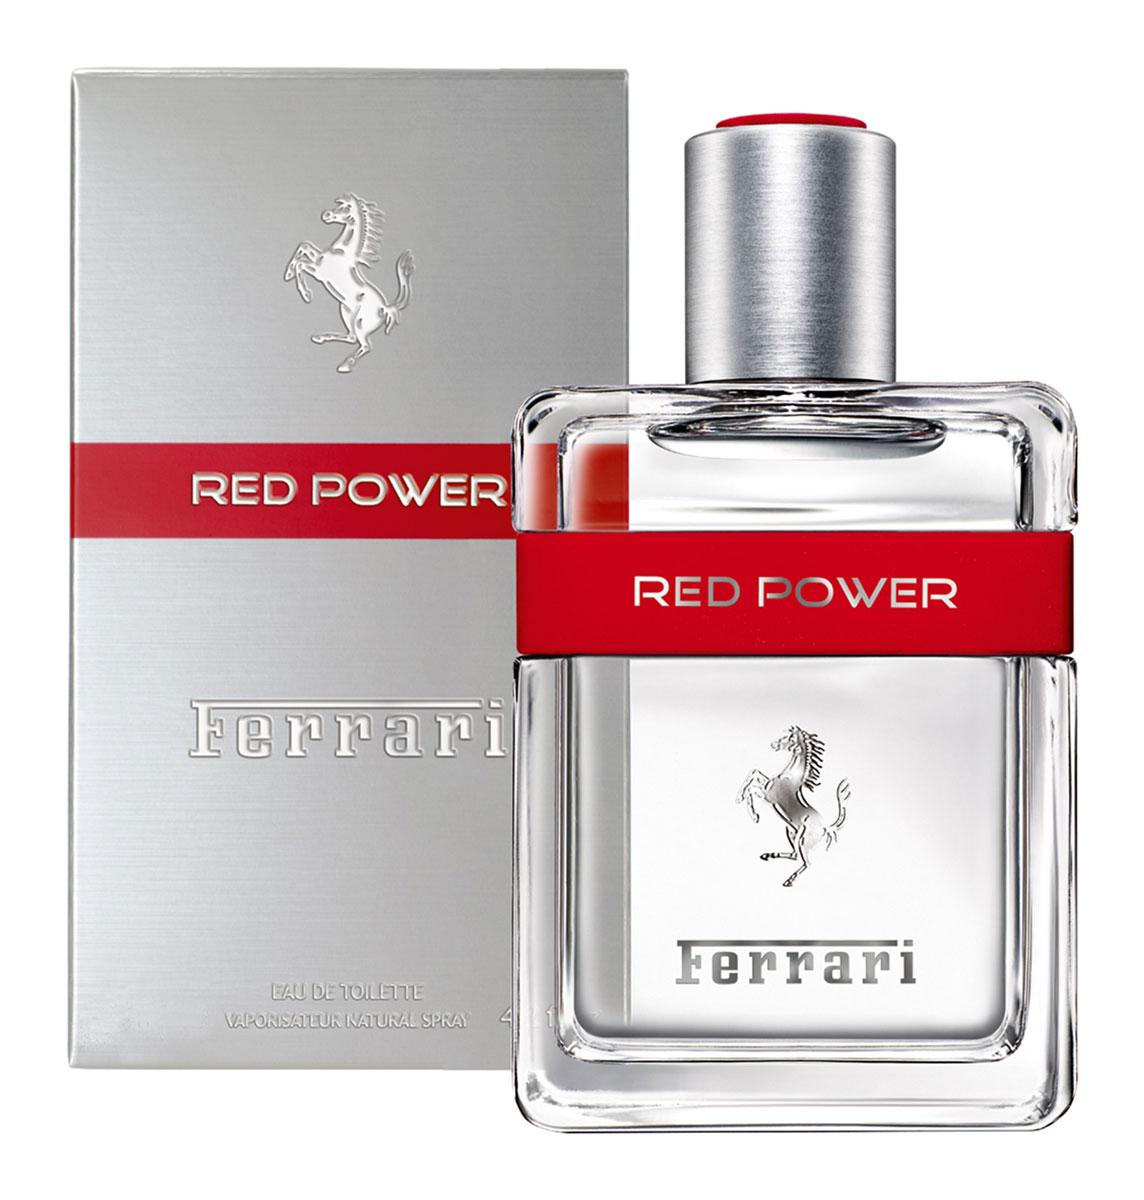 Ferrari Туалетная вода  RED POWER /РЕД ПАУЭР  мужская, 40 мл13124Red Power Ferrari - это аромат для мужчин, принадлежит к группе ароматов фужерные. Red Power выпущен в 2012. Парфюмер: Alexandra Carlin. Верхние ноты: Бергамот, красный апельсин, Лаванда и Розовый перец; ноты сердца: Герань, Розмарин, кардамон и Лист фиалки; ноты базы: Мускус, пачули, Белый кедр и Тонка бобы.